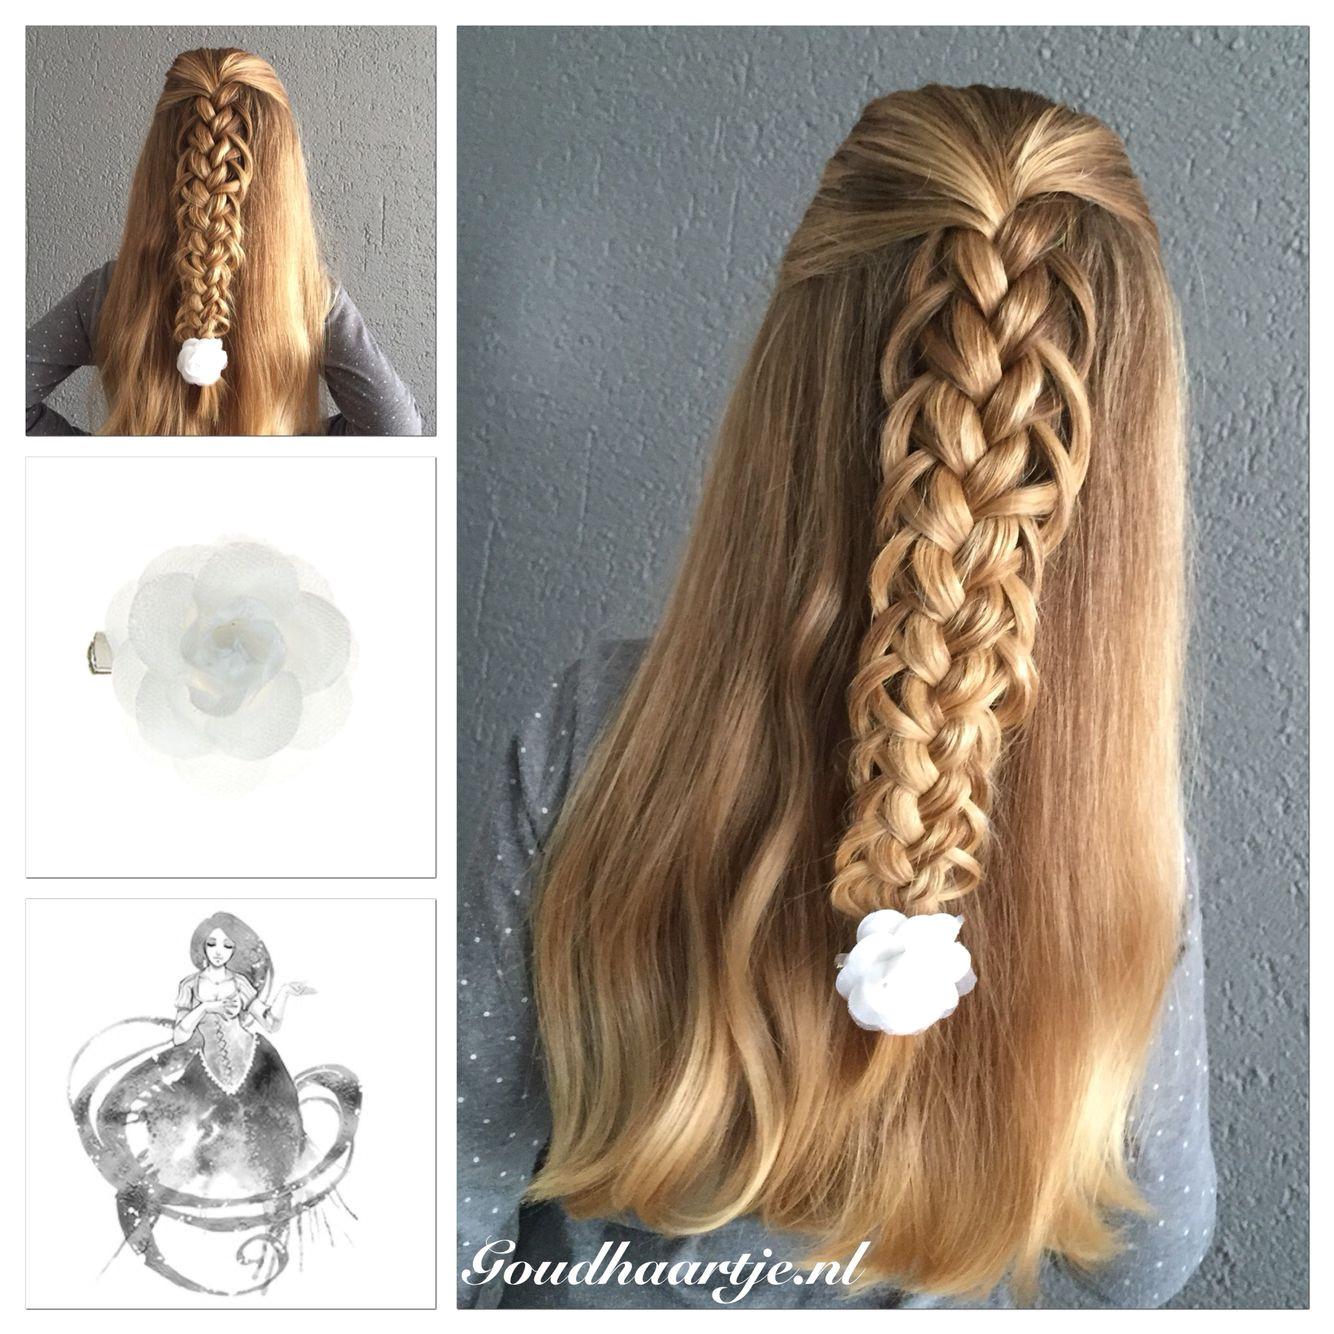 Half up loop braid with a pretty hair flower from Goudhaartje halfup…